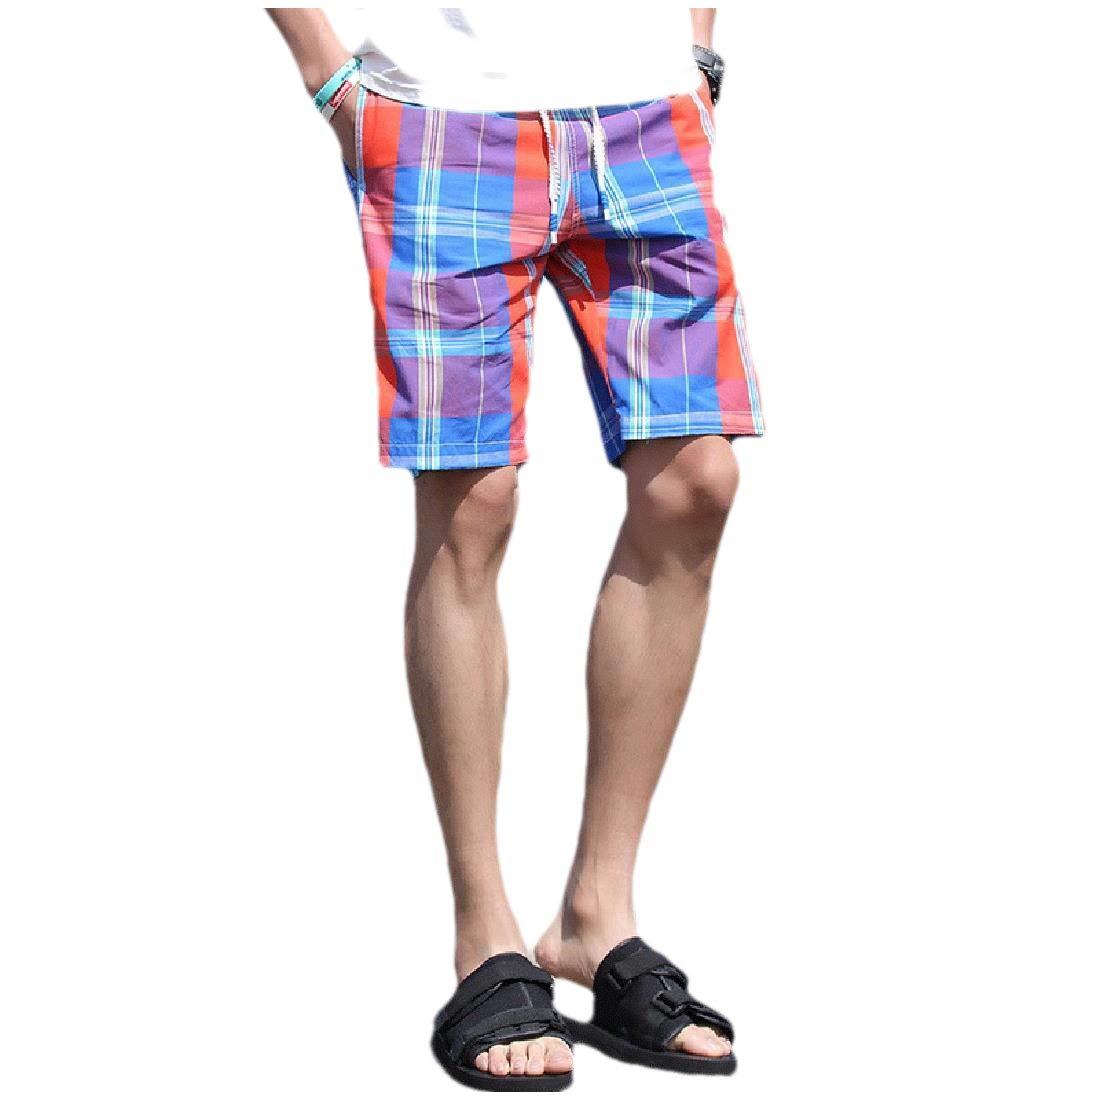 YKeen Men Quick Drying Half Leisure Plaid High Waist Beach Board Short